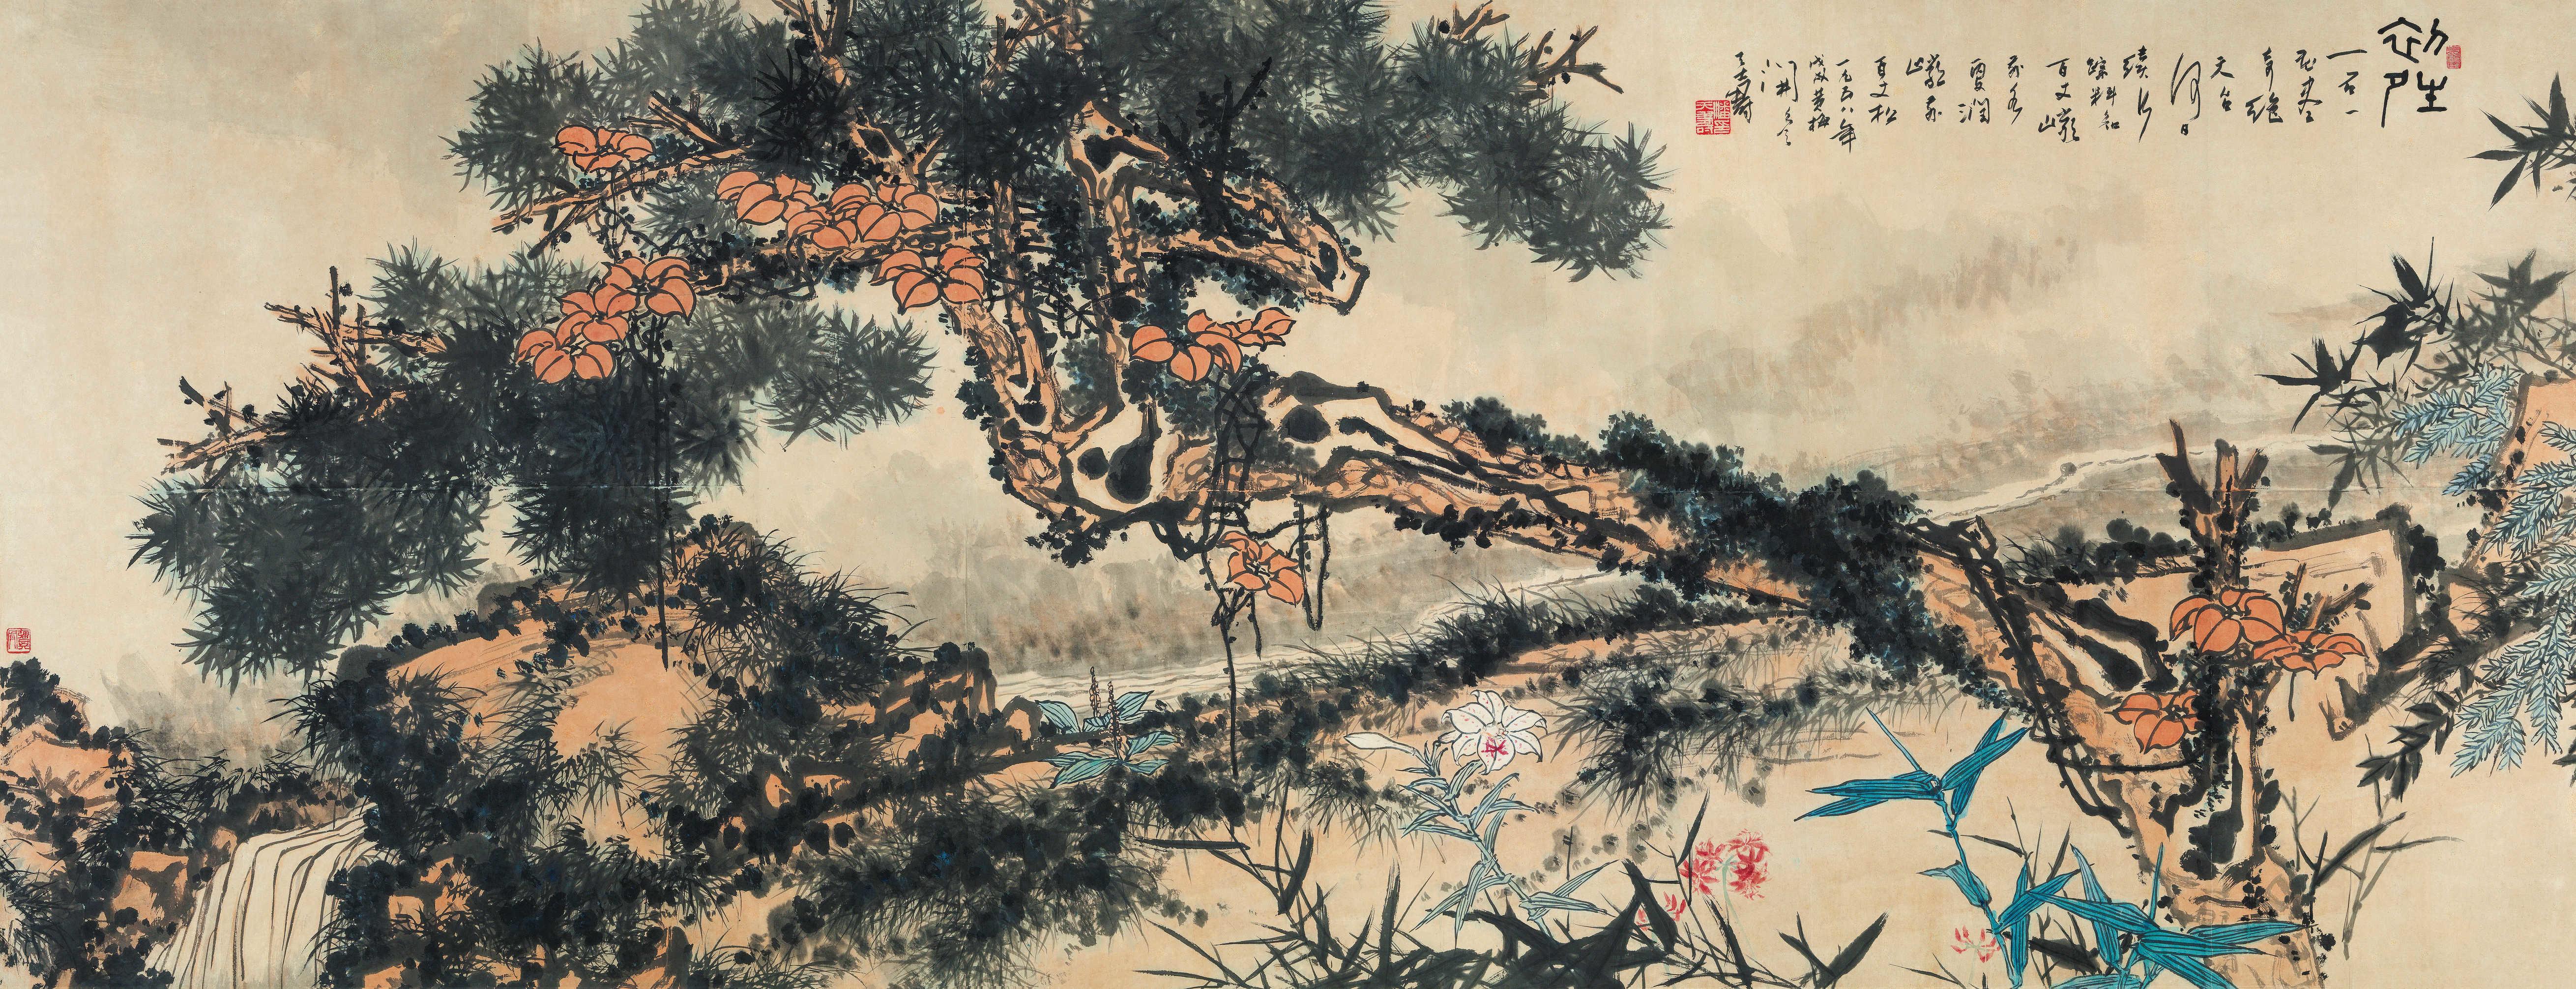 Pan Tianshou - Pine after rain